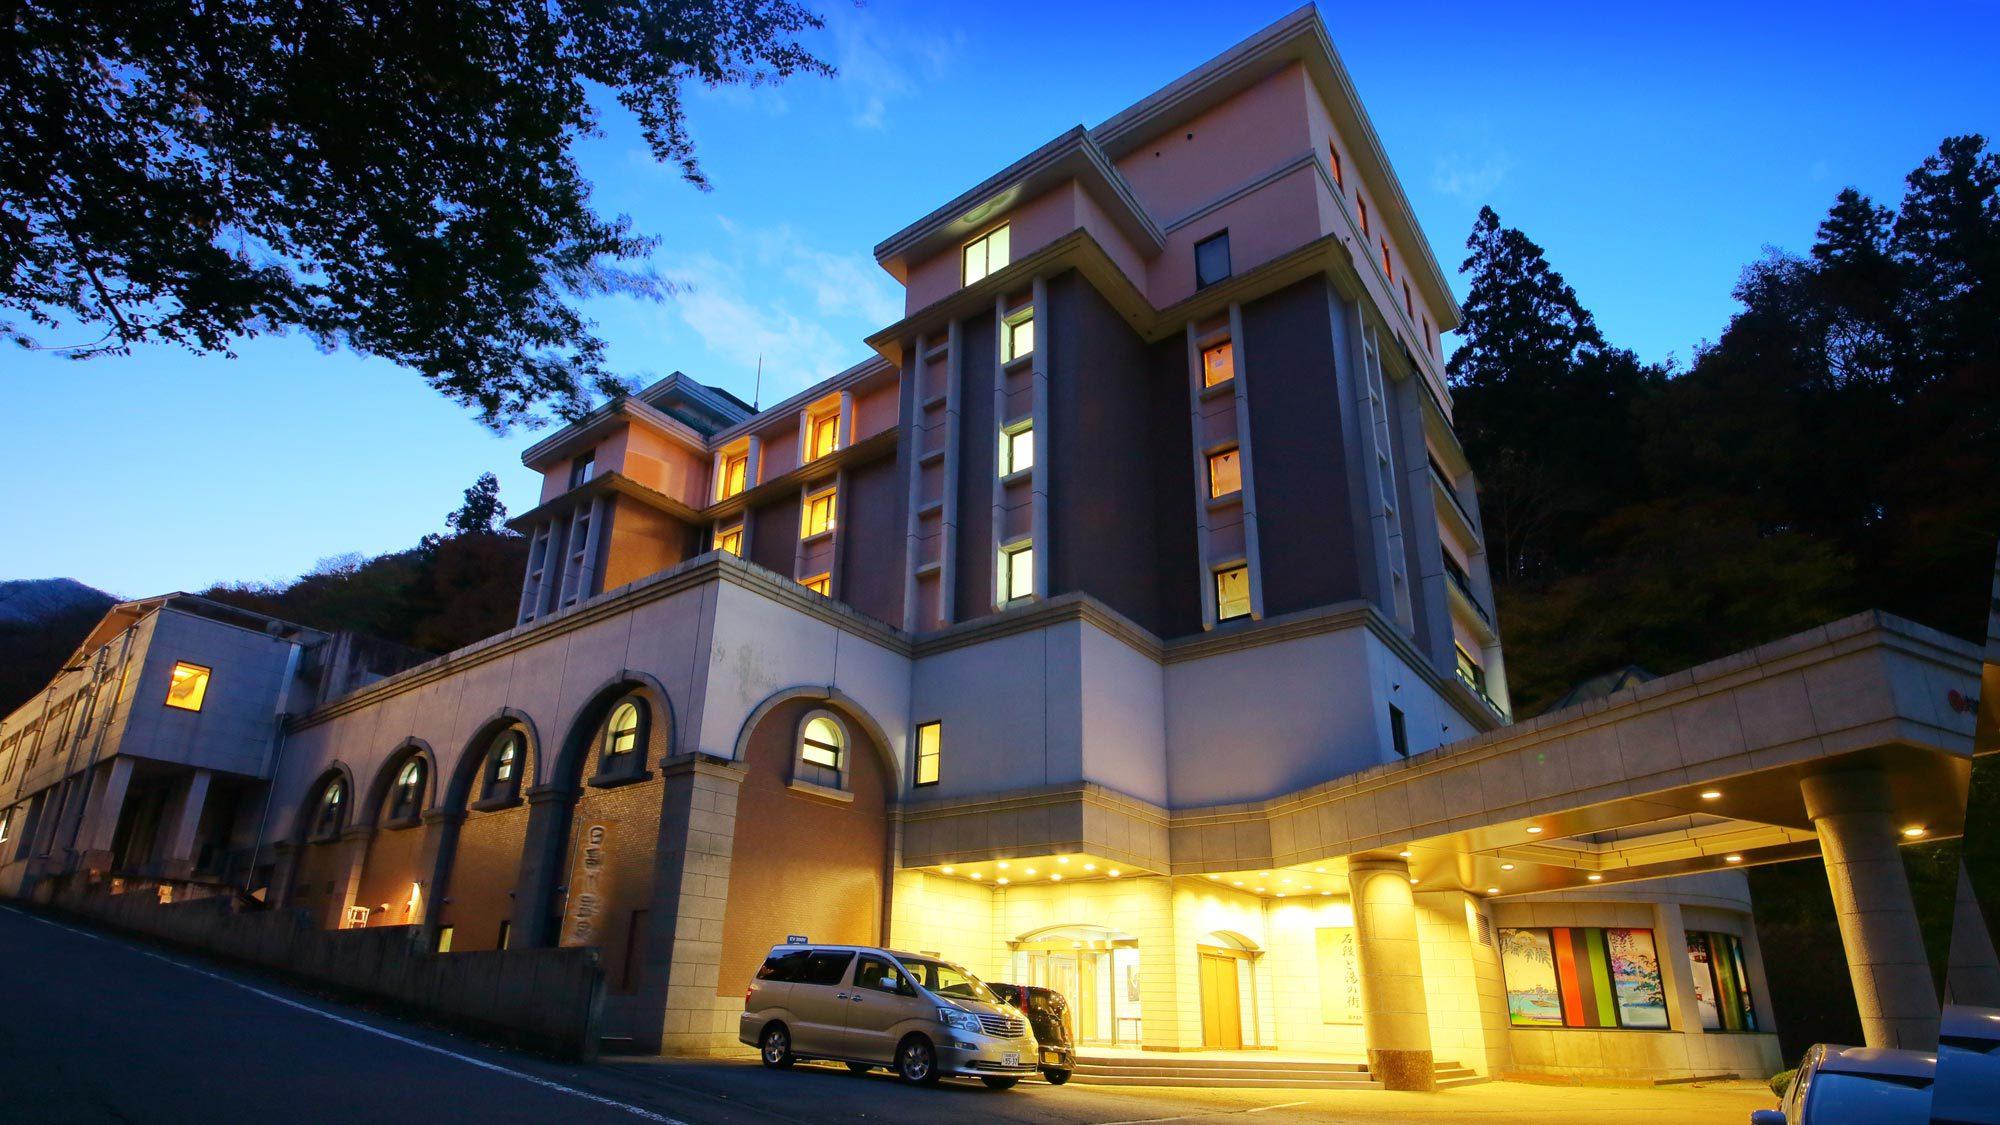 伊香保温泉で卒業旅行などでも利用できる5人部屋で格安の宿を教えて!